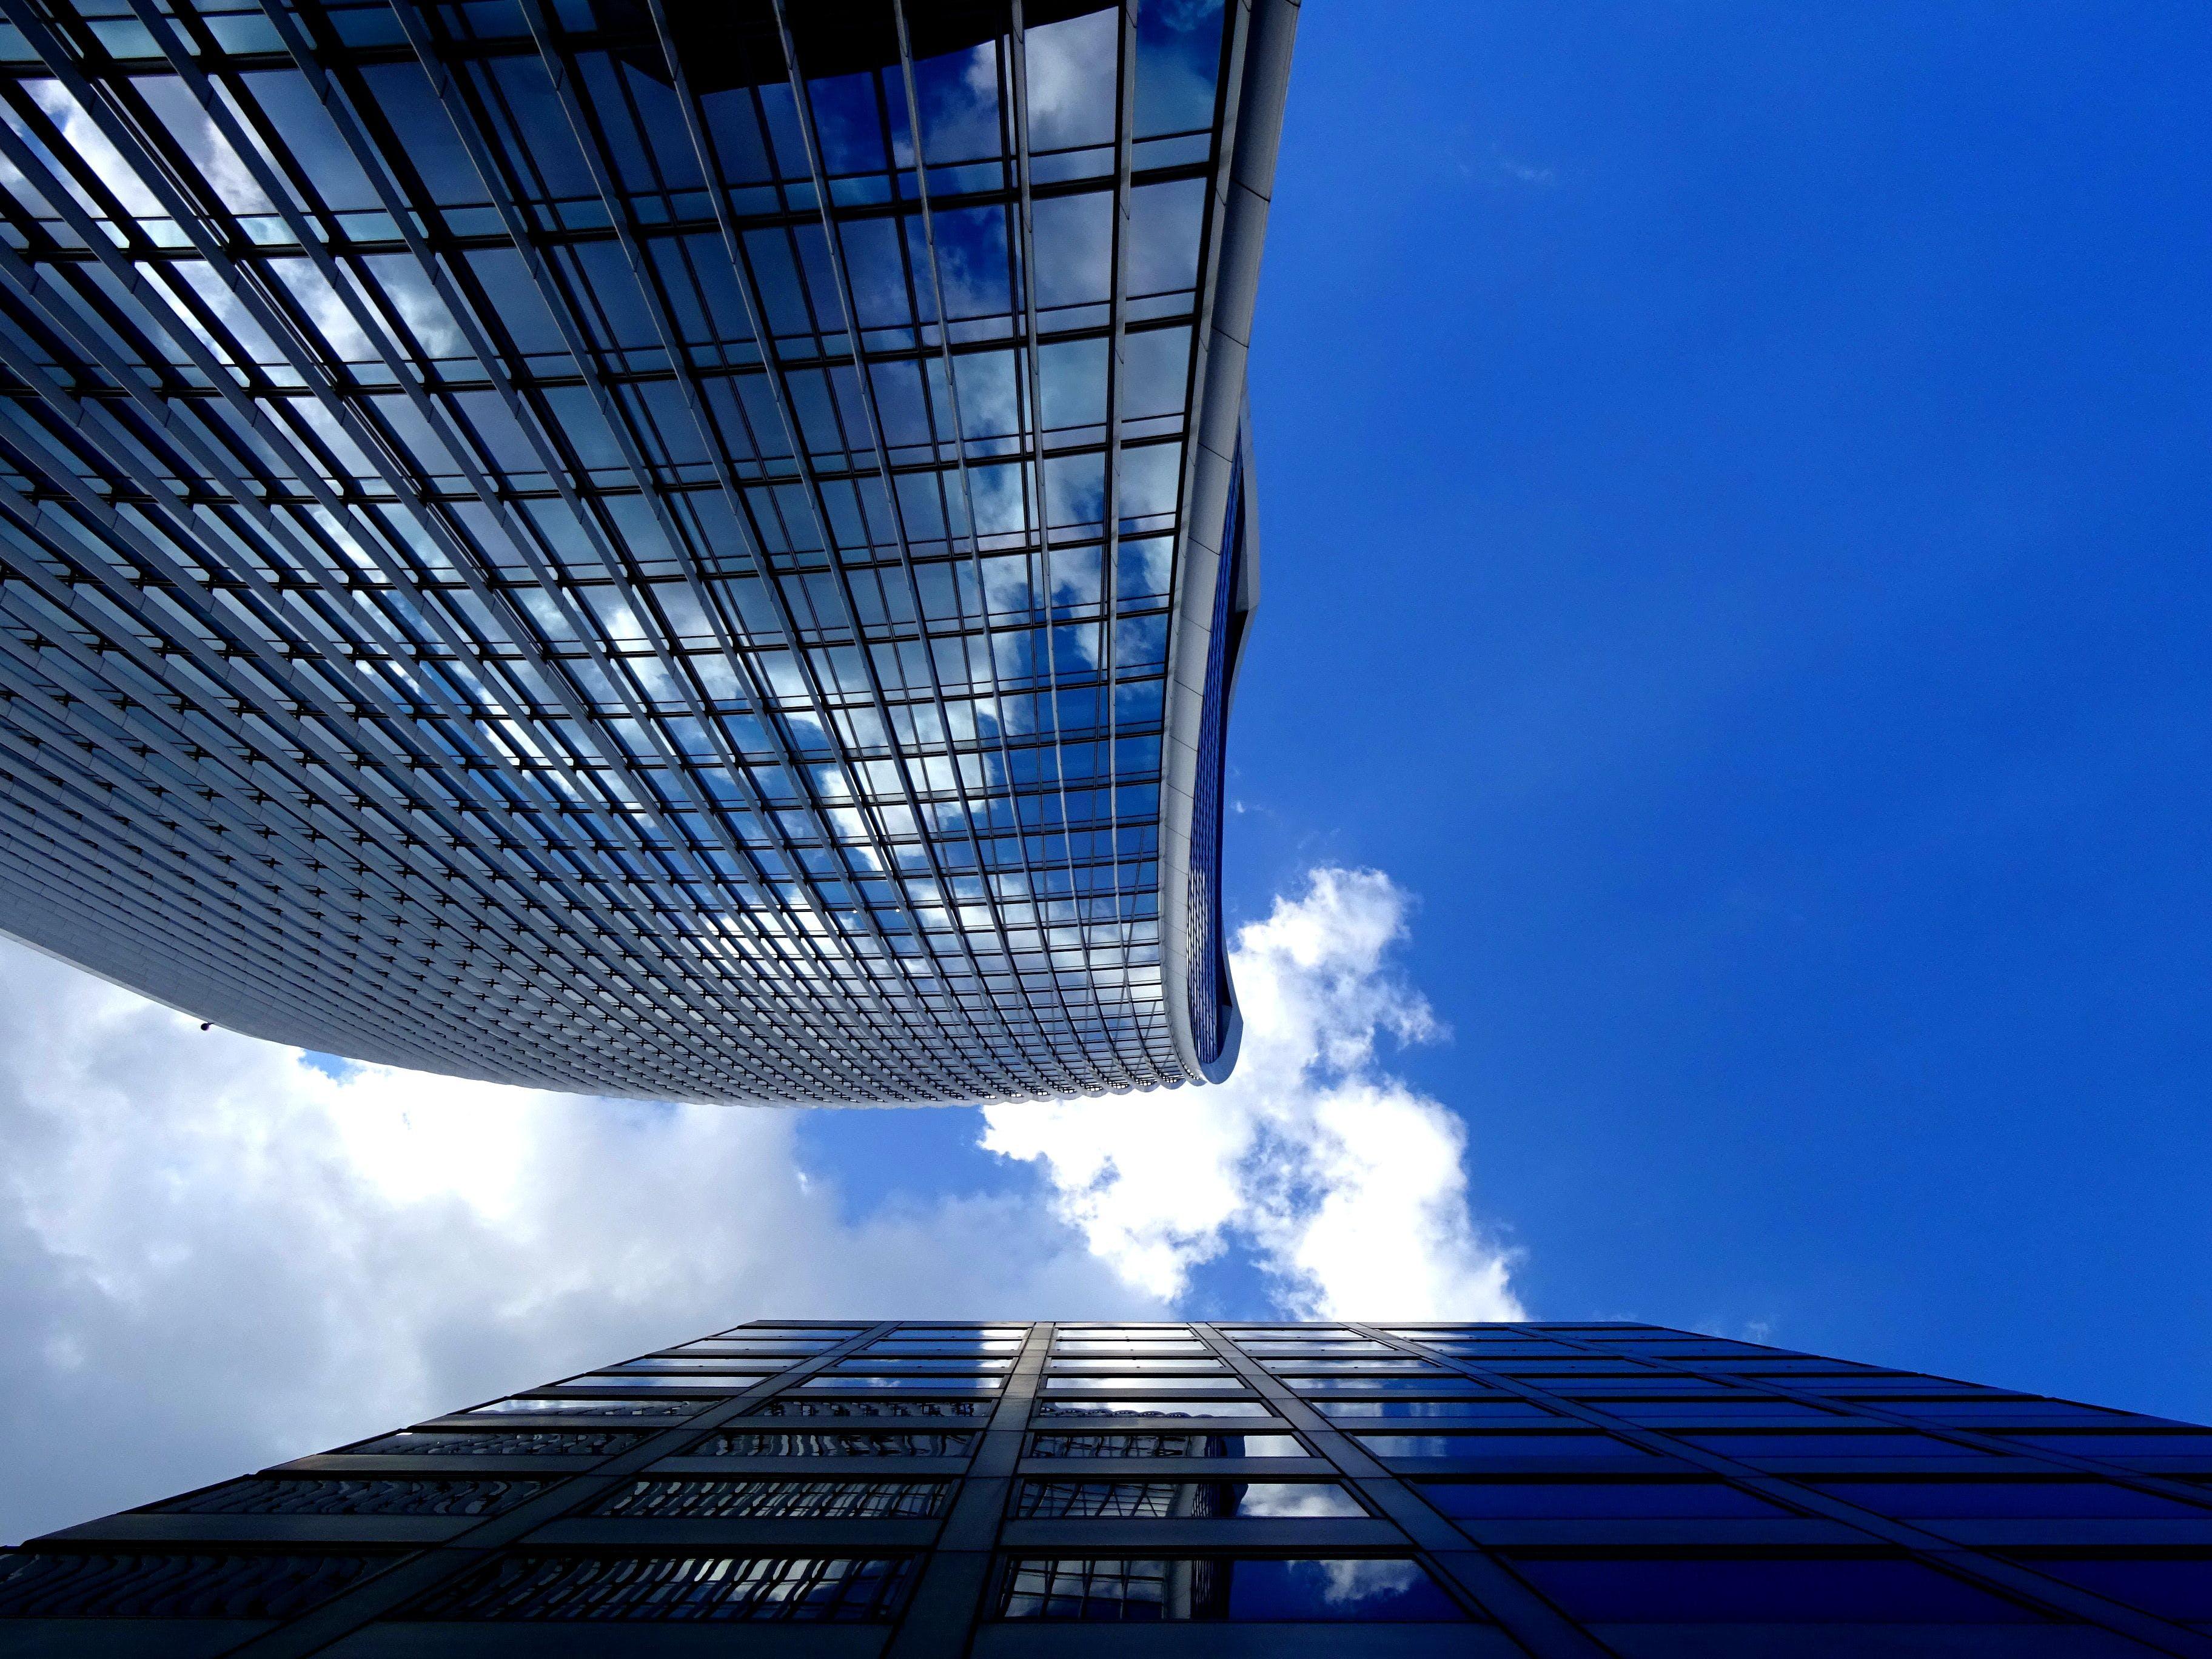 Kostenloses Stock Foto zu architekturdesign, aufnahme von unten, außen, fassade